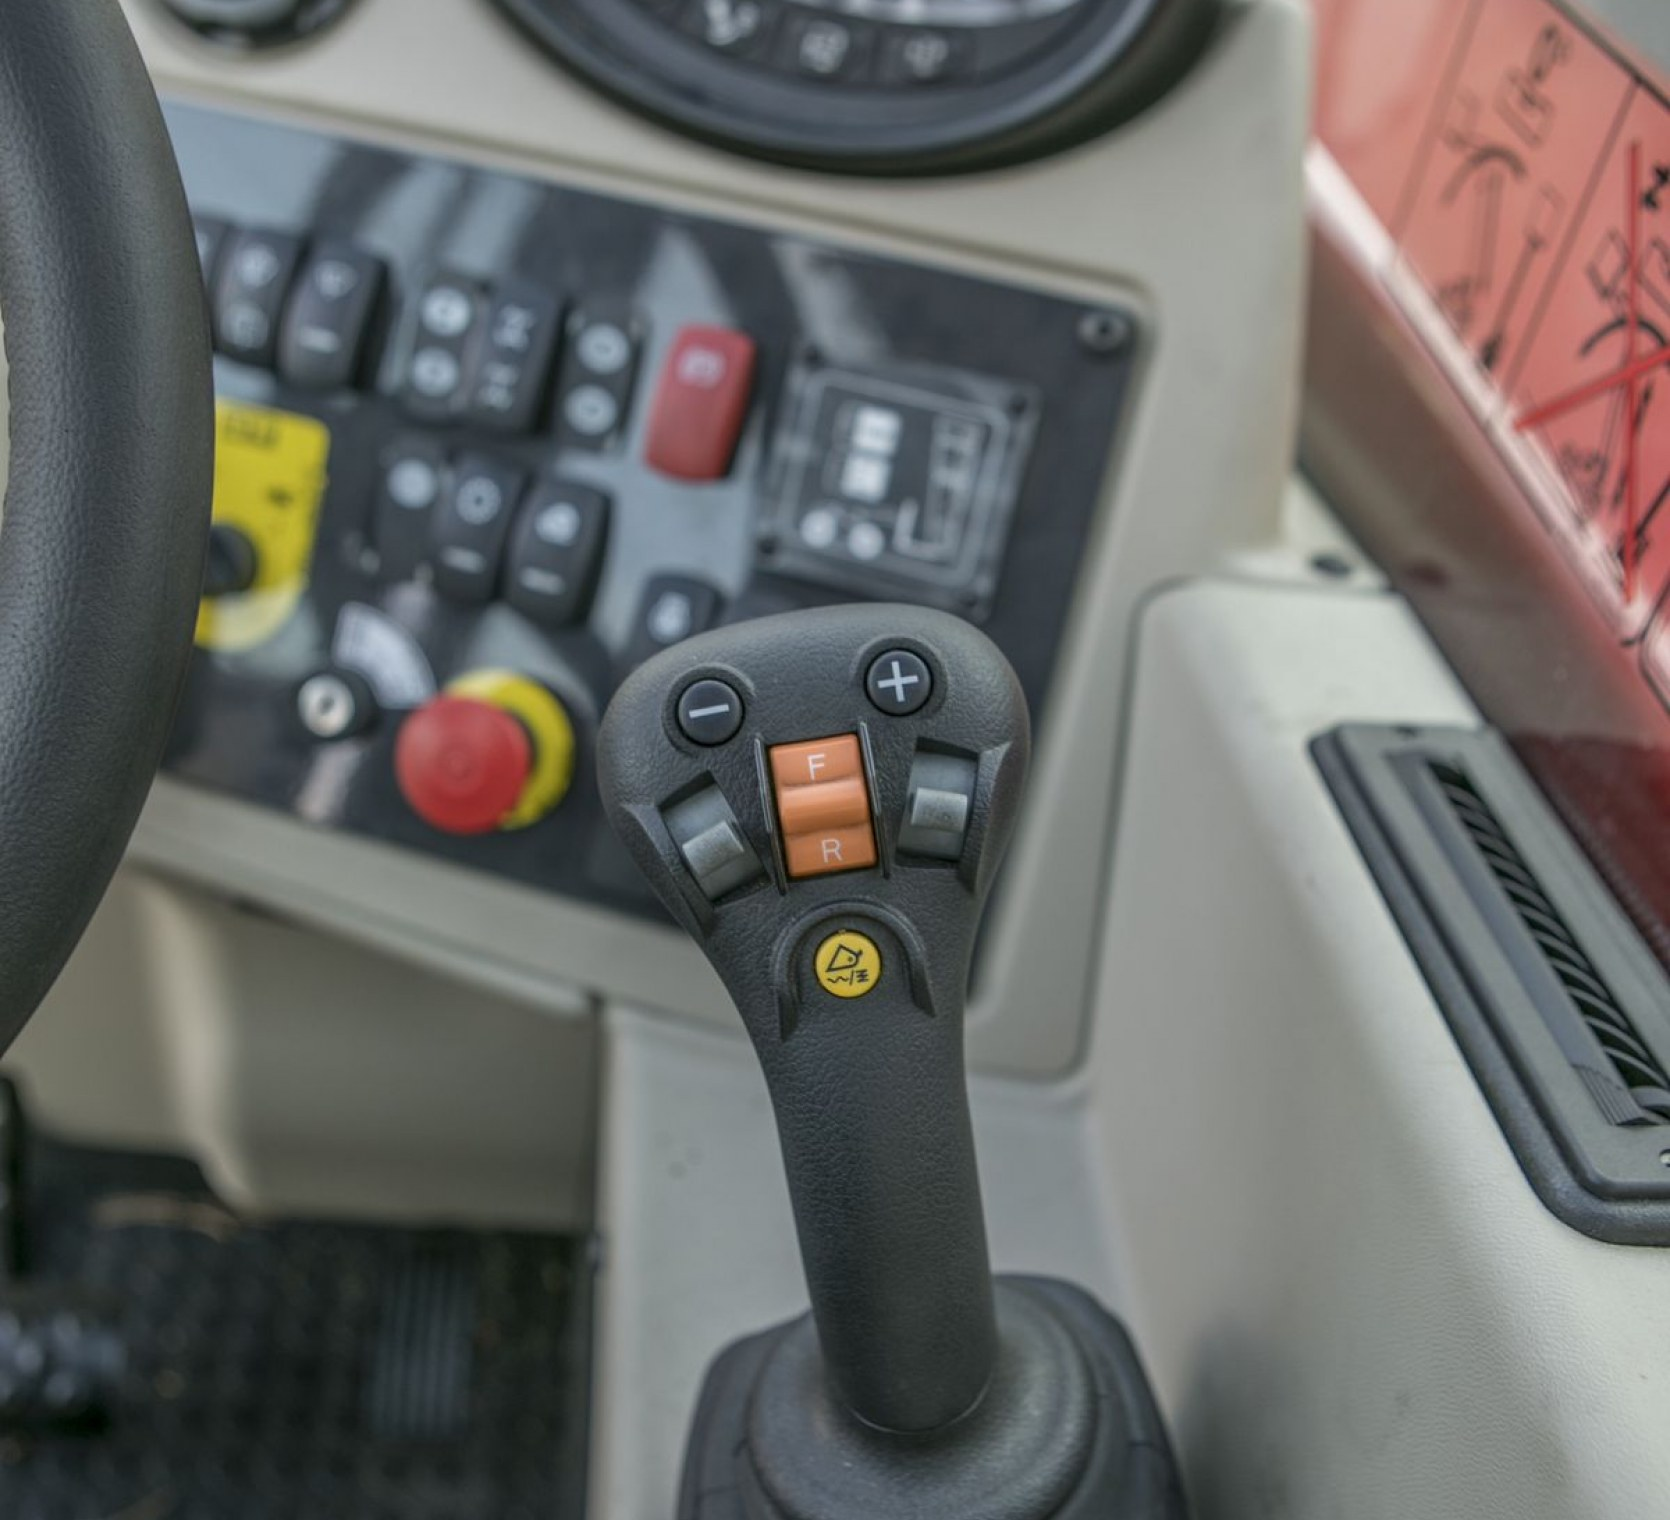 Dźwignia sterowania w kabinie ładowarki MF TH 6534